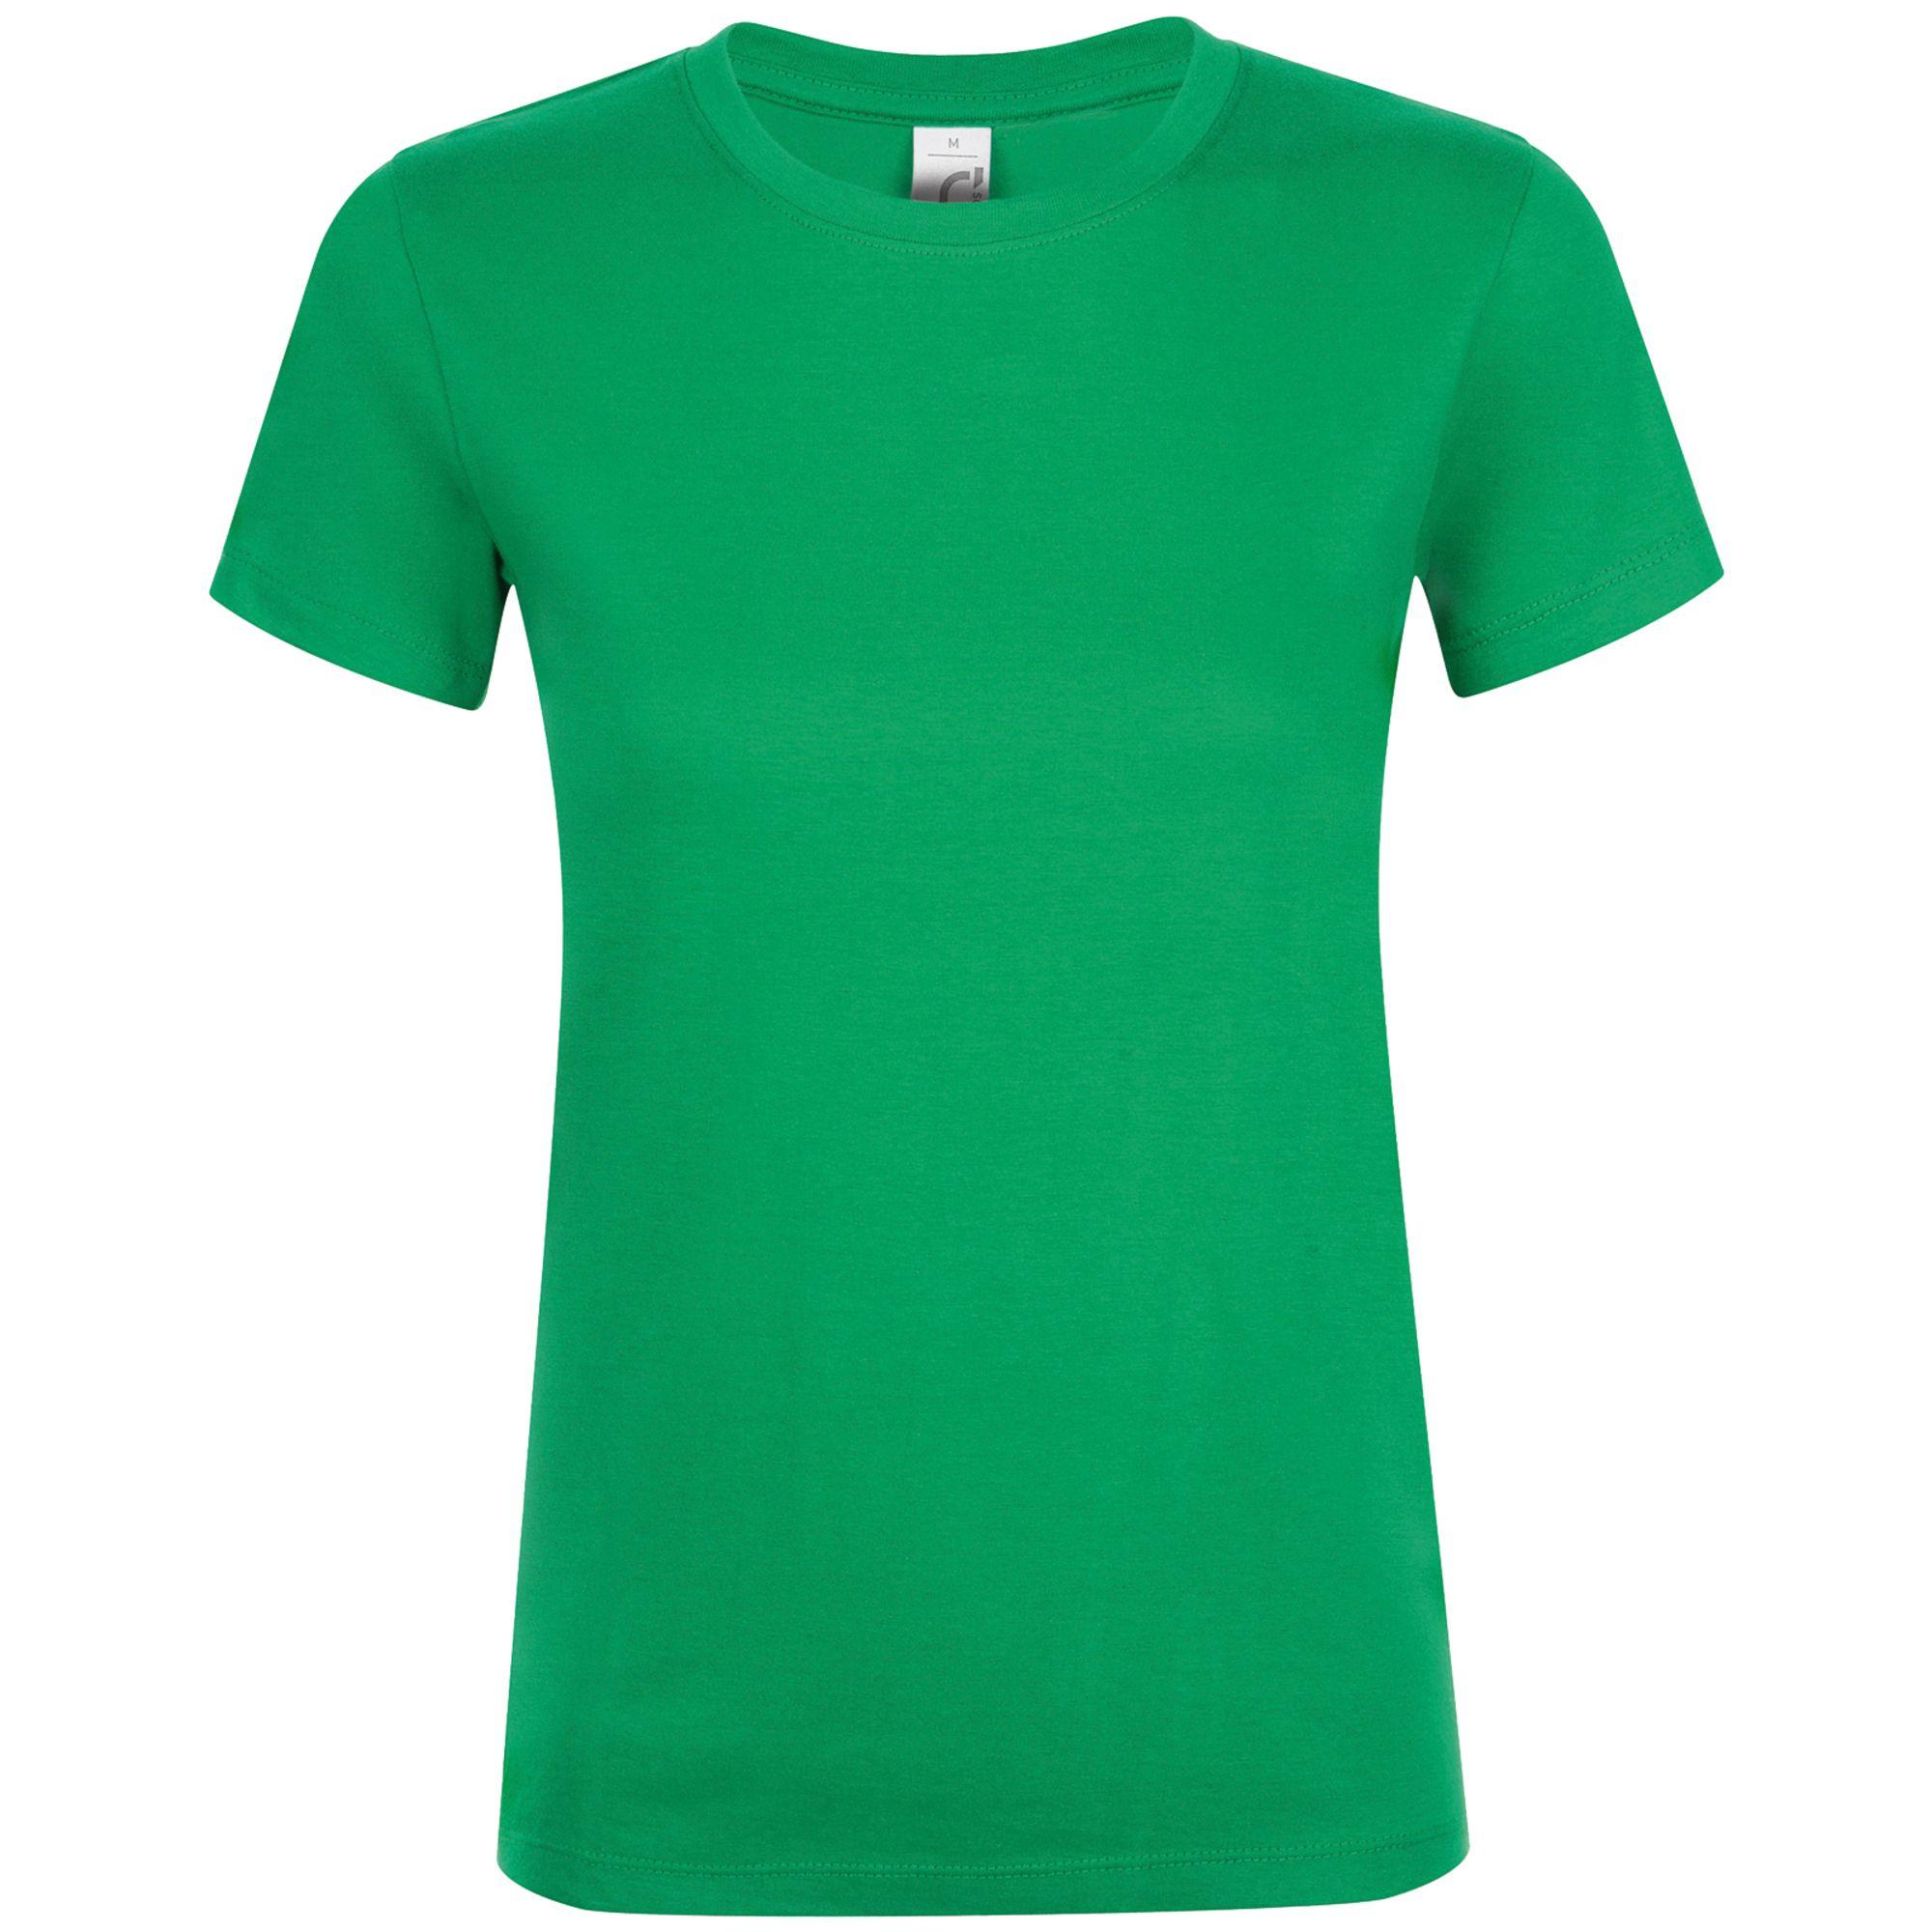 Футболка женская REGENT WOMEN, ярко-зеленая